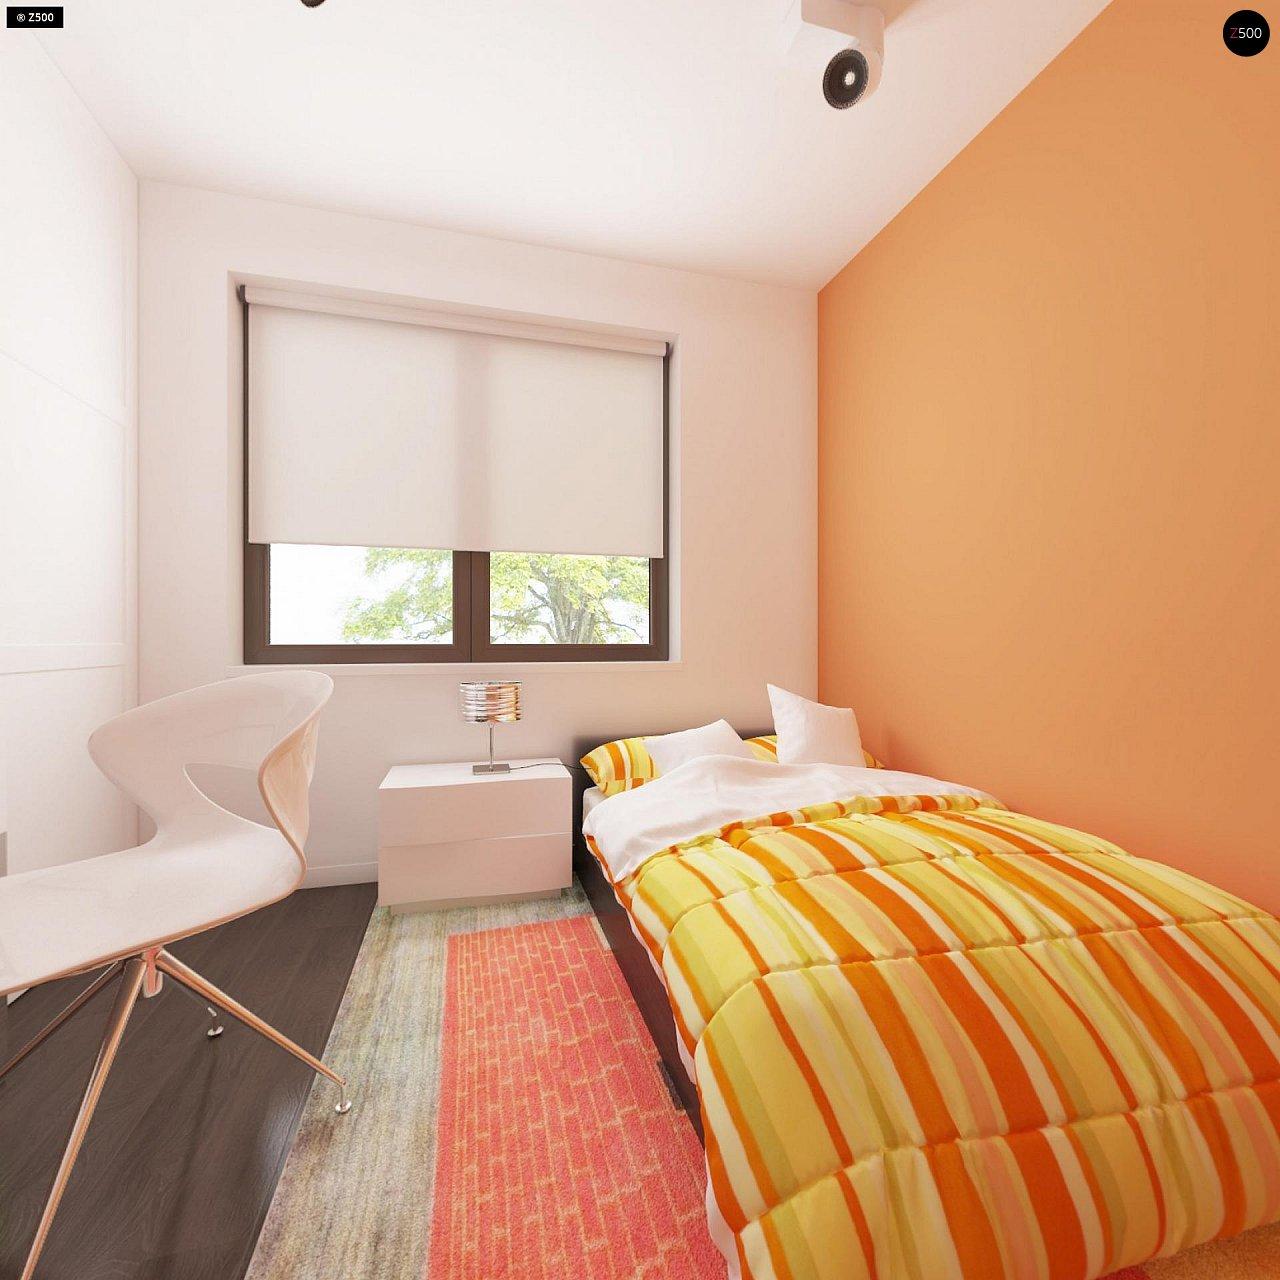 Проект удобного одноэтажного дома с гаражом для двух автомобилей и большим хозяйственным помещением. 17